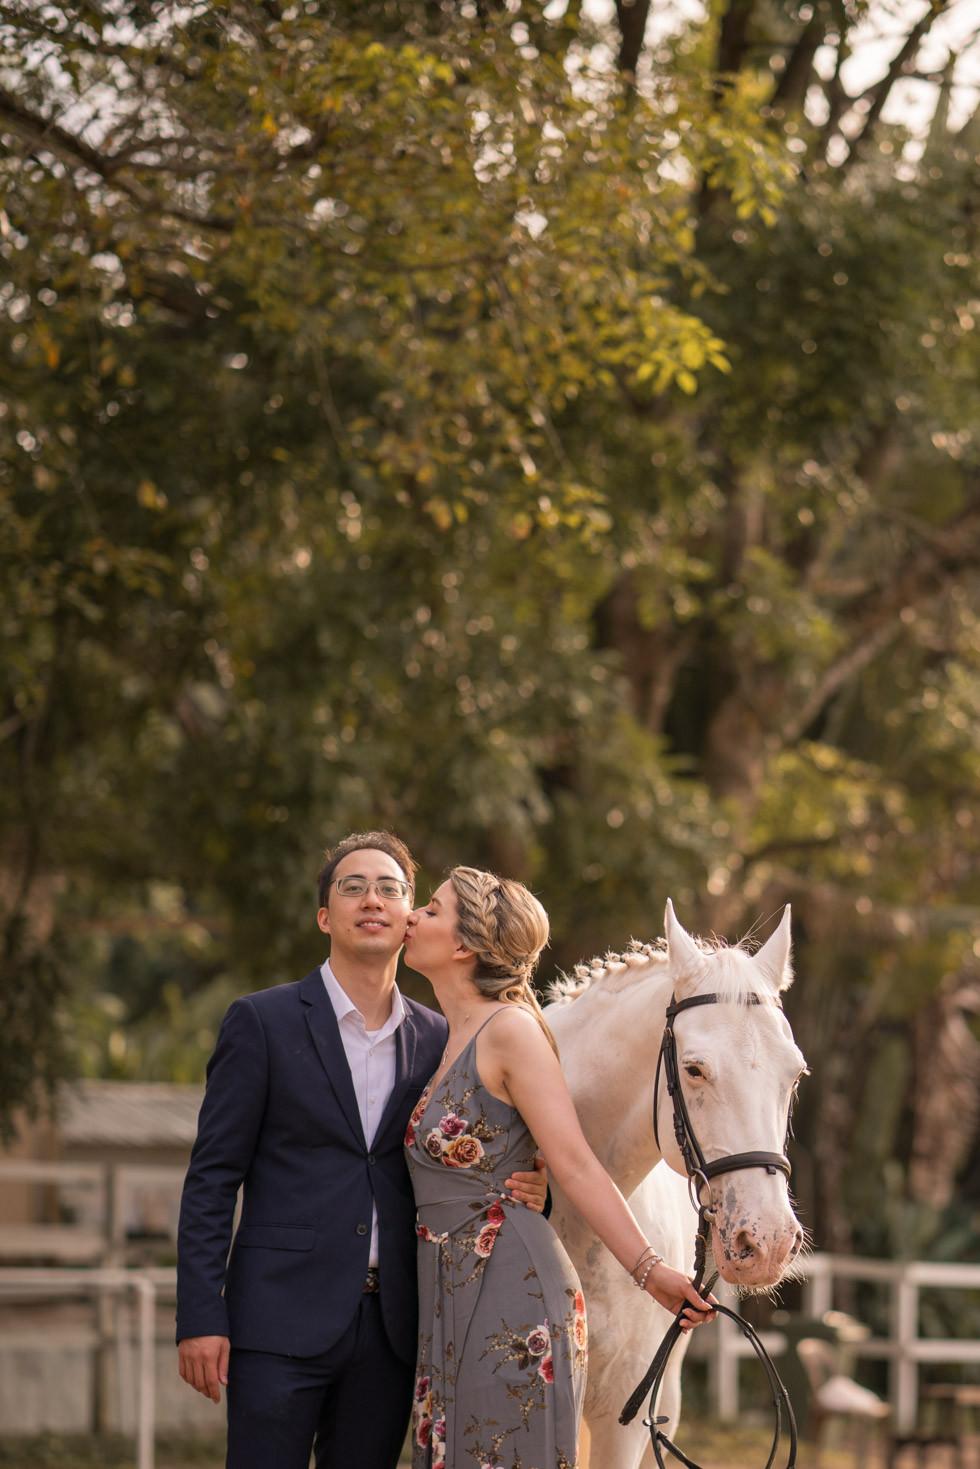 Lucy & Brian _ Moah 718am Wedding Photog